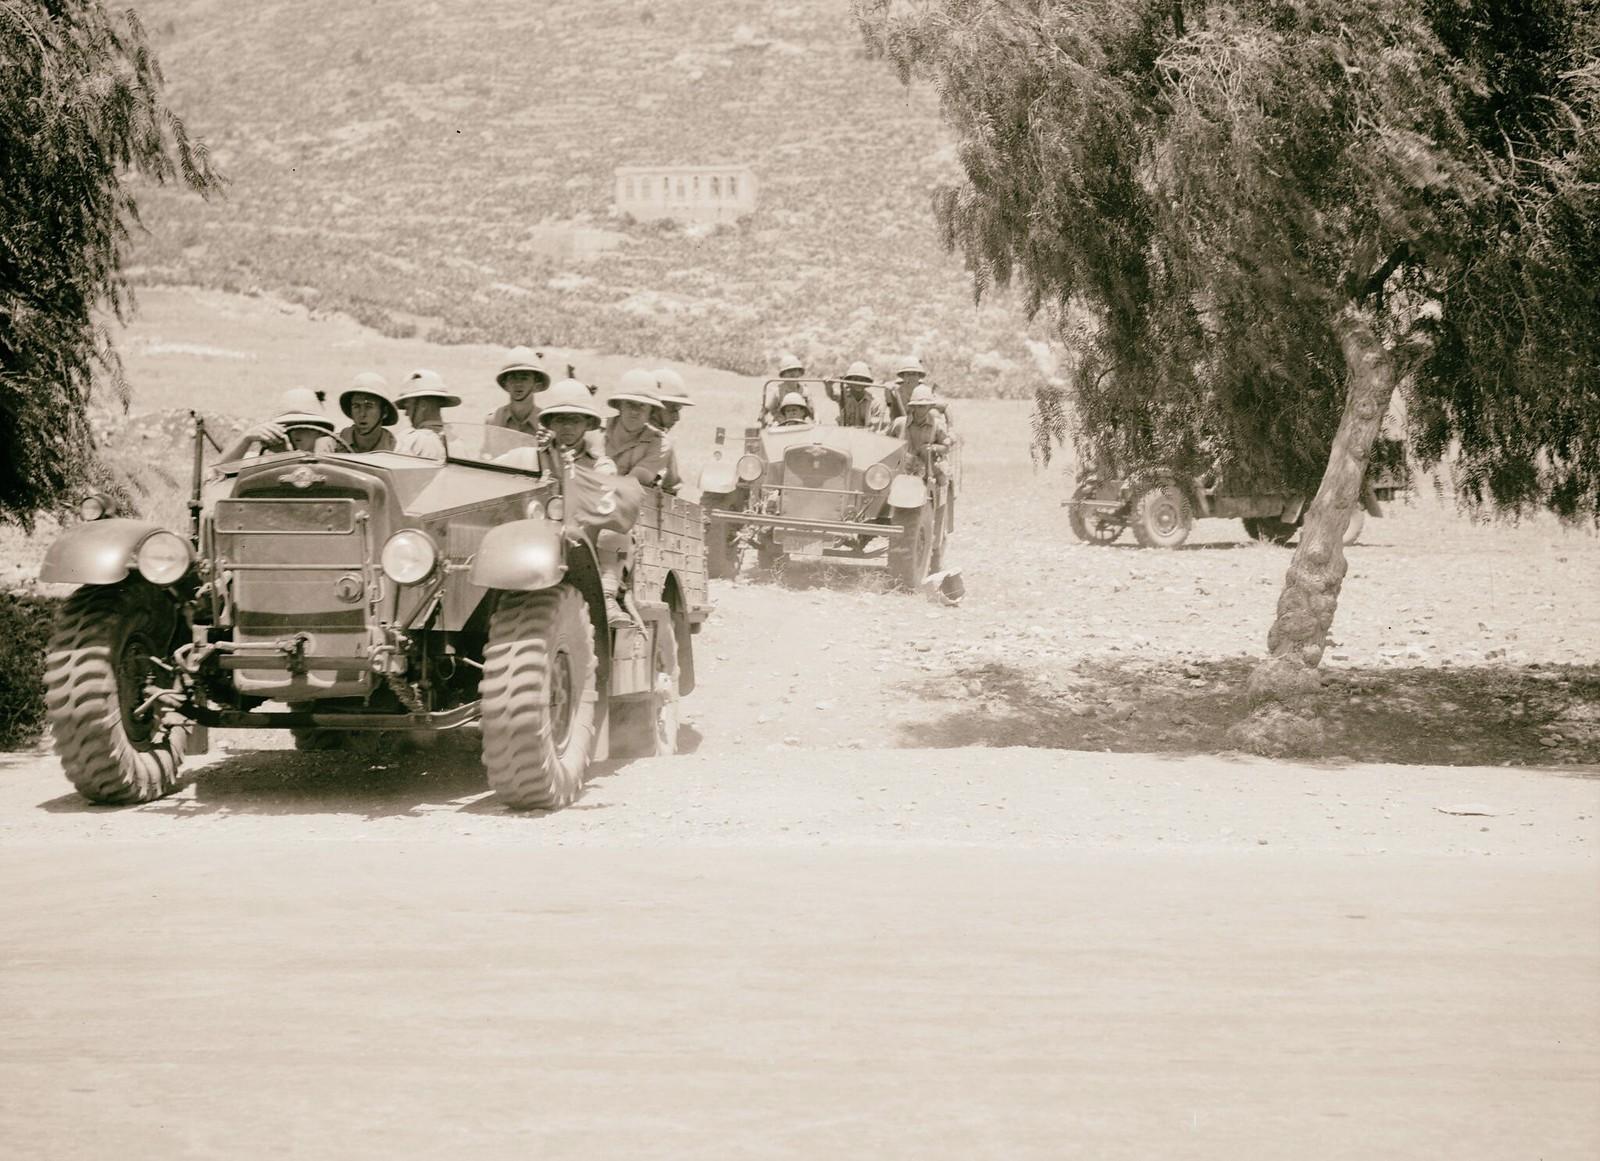 04. 1938. Британские солдаты патрулируют Шхем